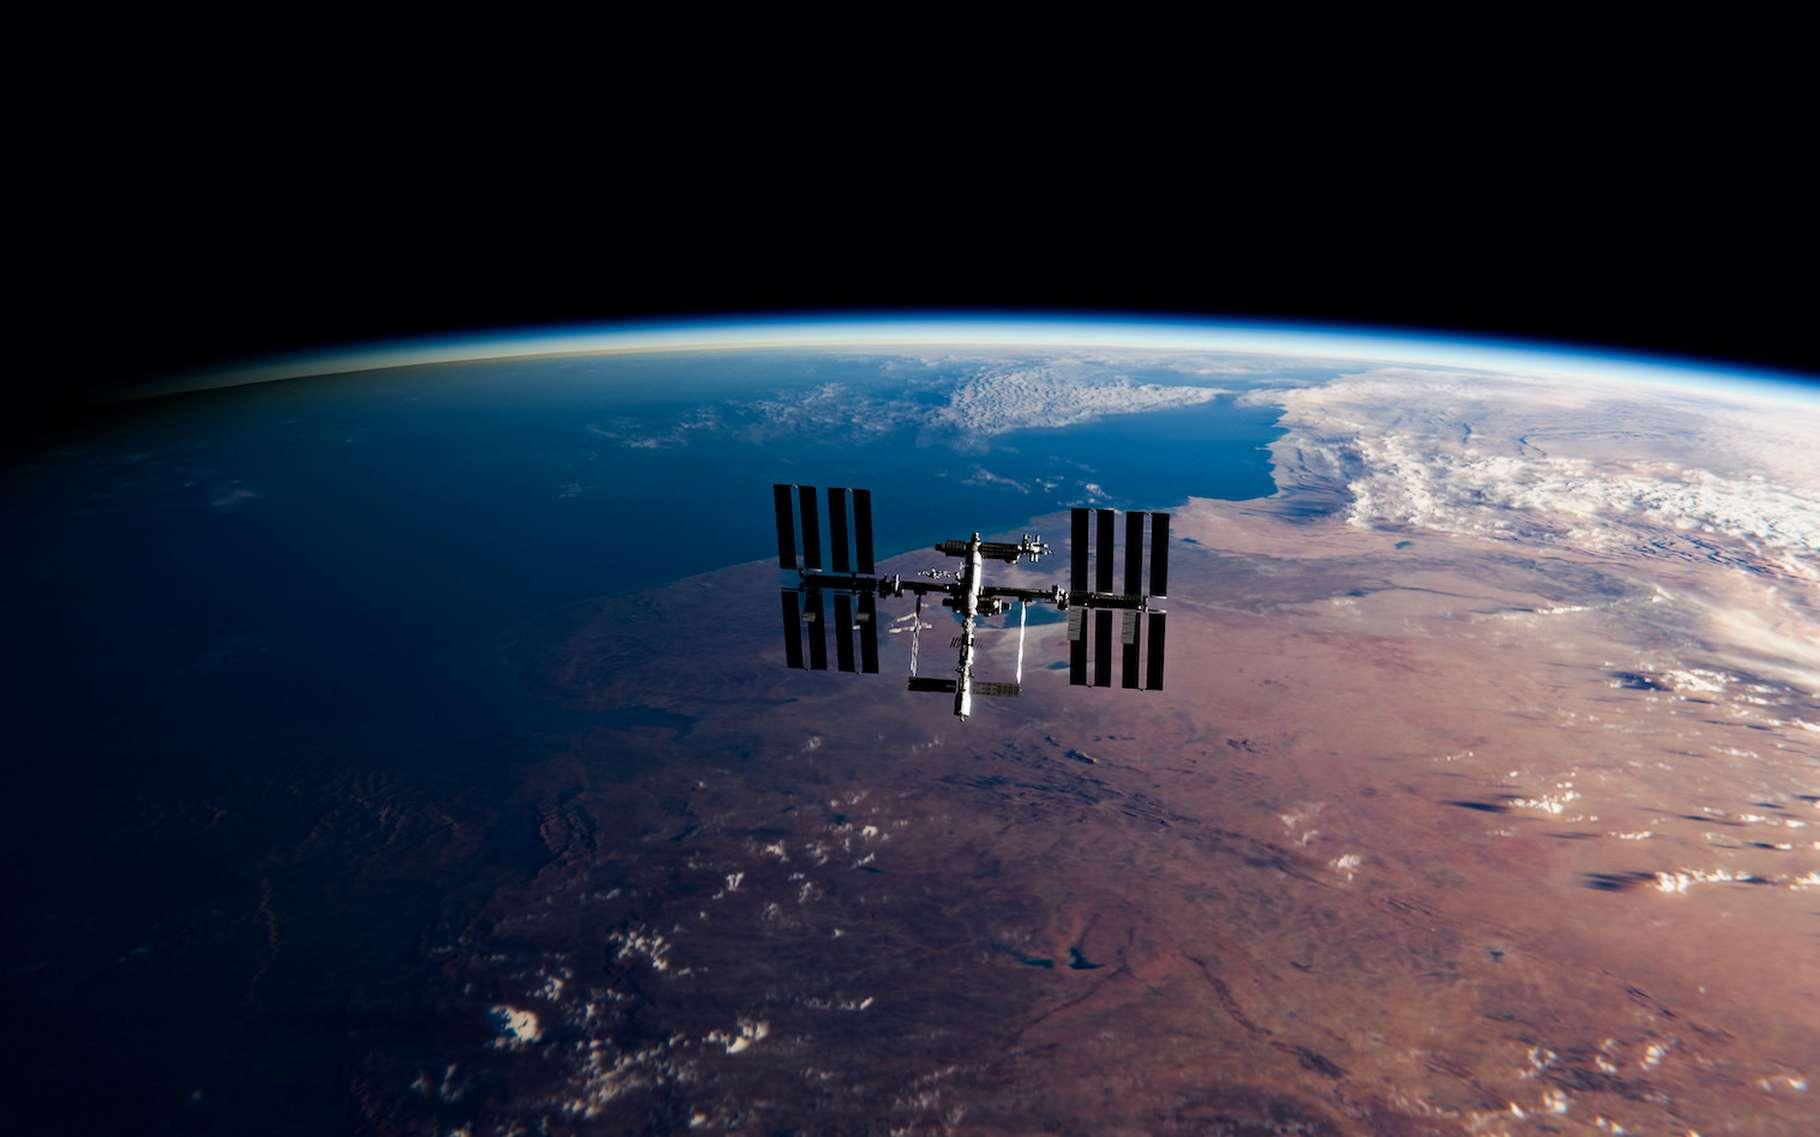 C'est à l'extérieur de la Station spatiale internationale (ISS) que la bactérie nommée Deinococcus radiodurans a survécu pendant une année entière. © Darryl, Adobe Stock